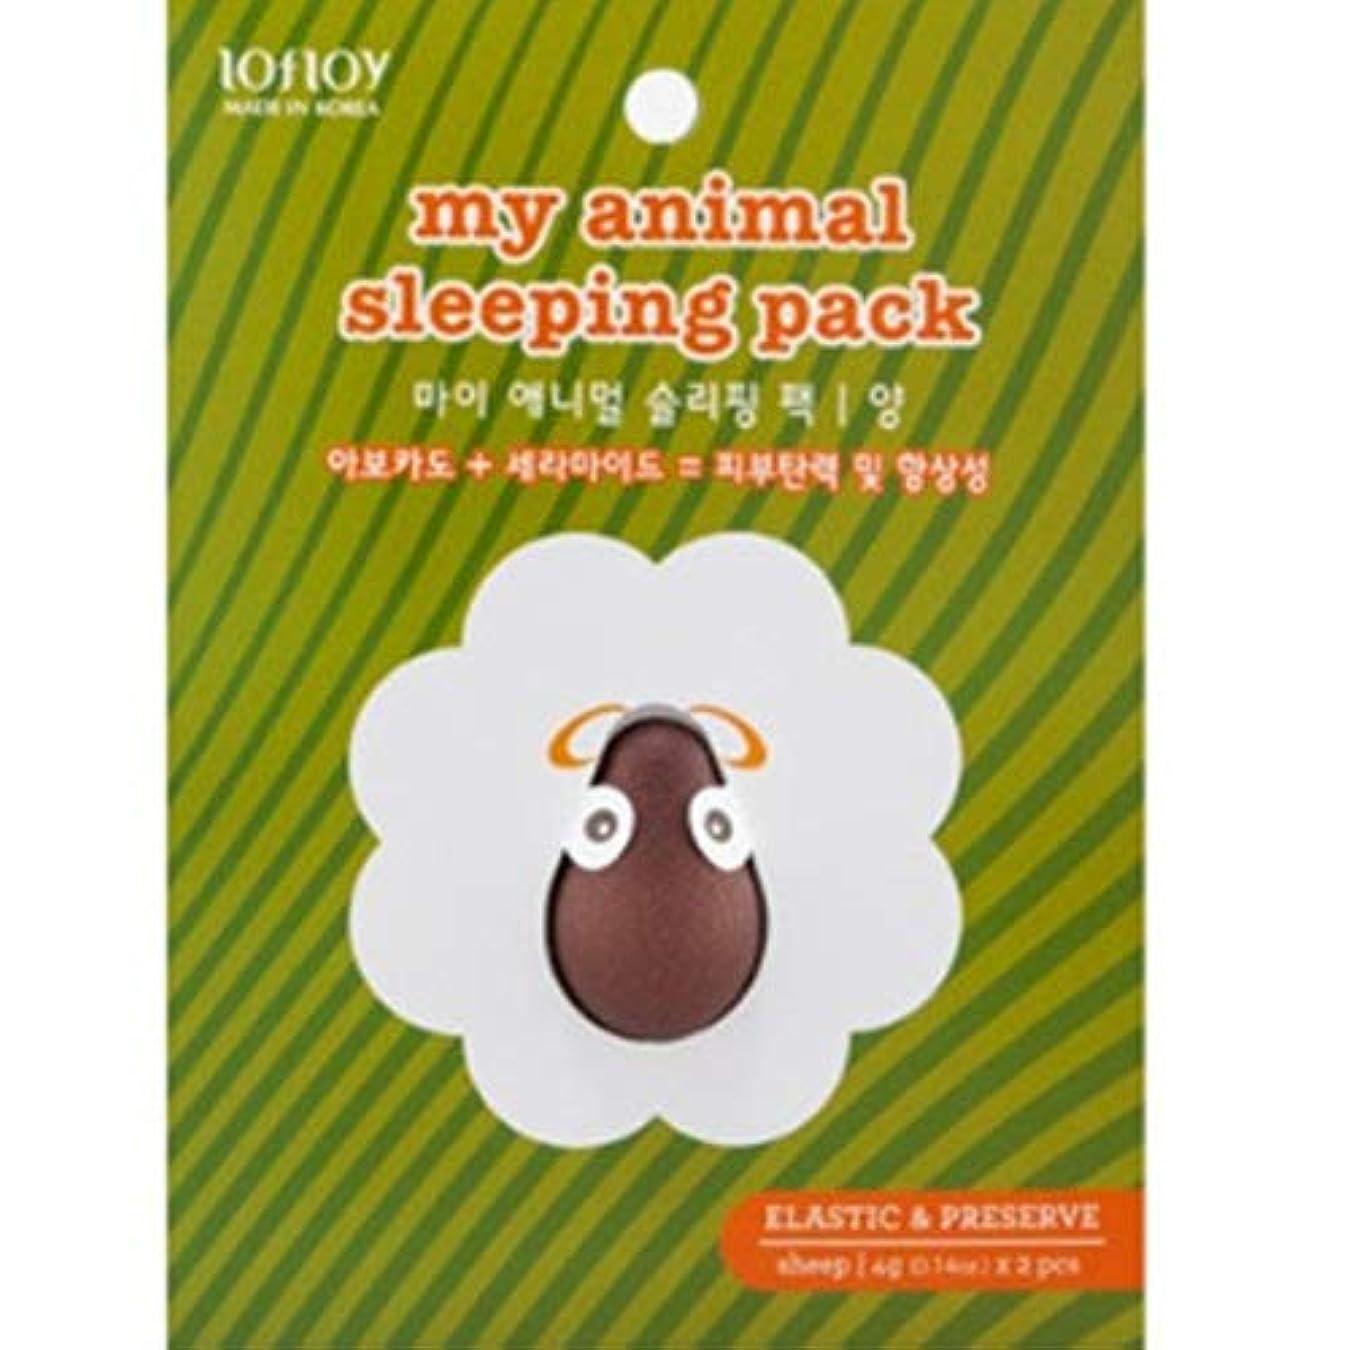 信頼性のあるシリンダーさておきLOFLOY My Animal Sleeping Pack Sheep CH1379393 4g x 2PCS [並行輸入品]